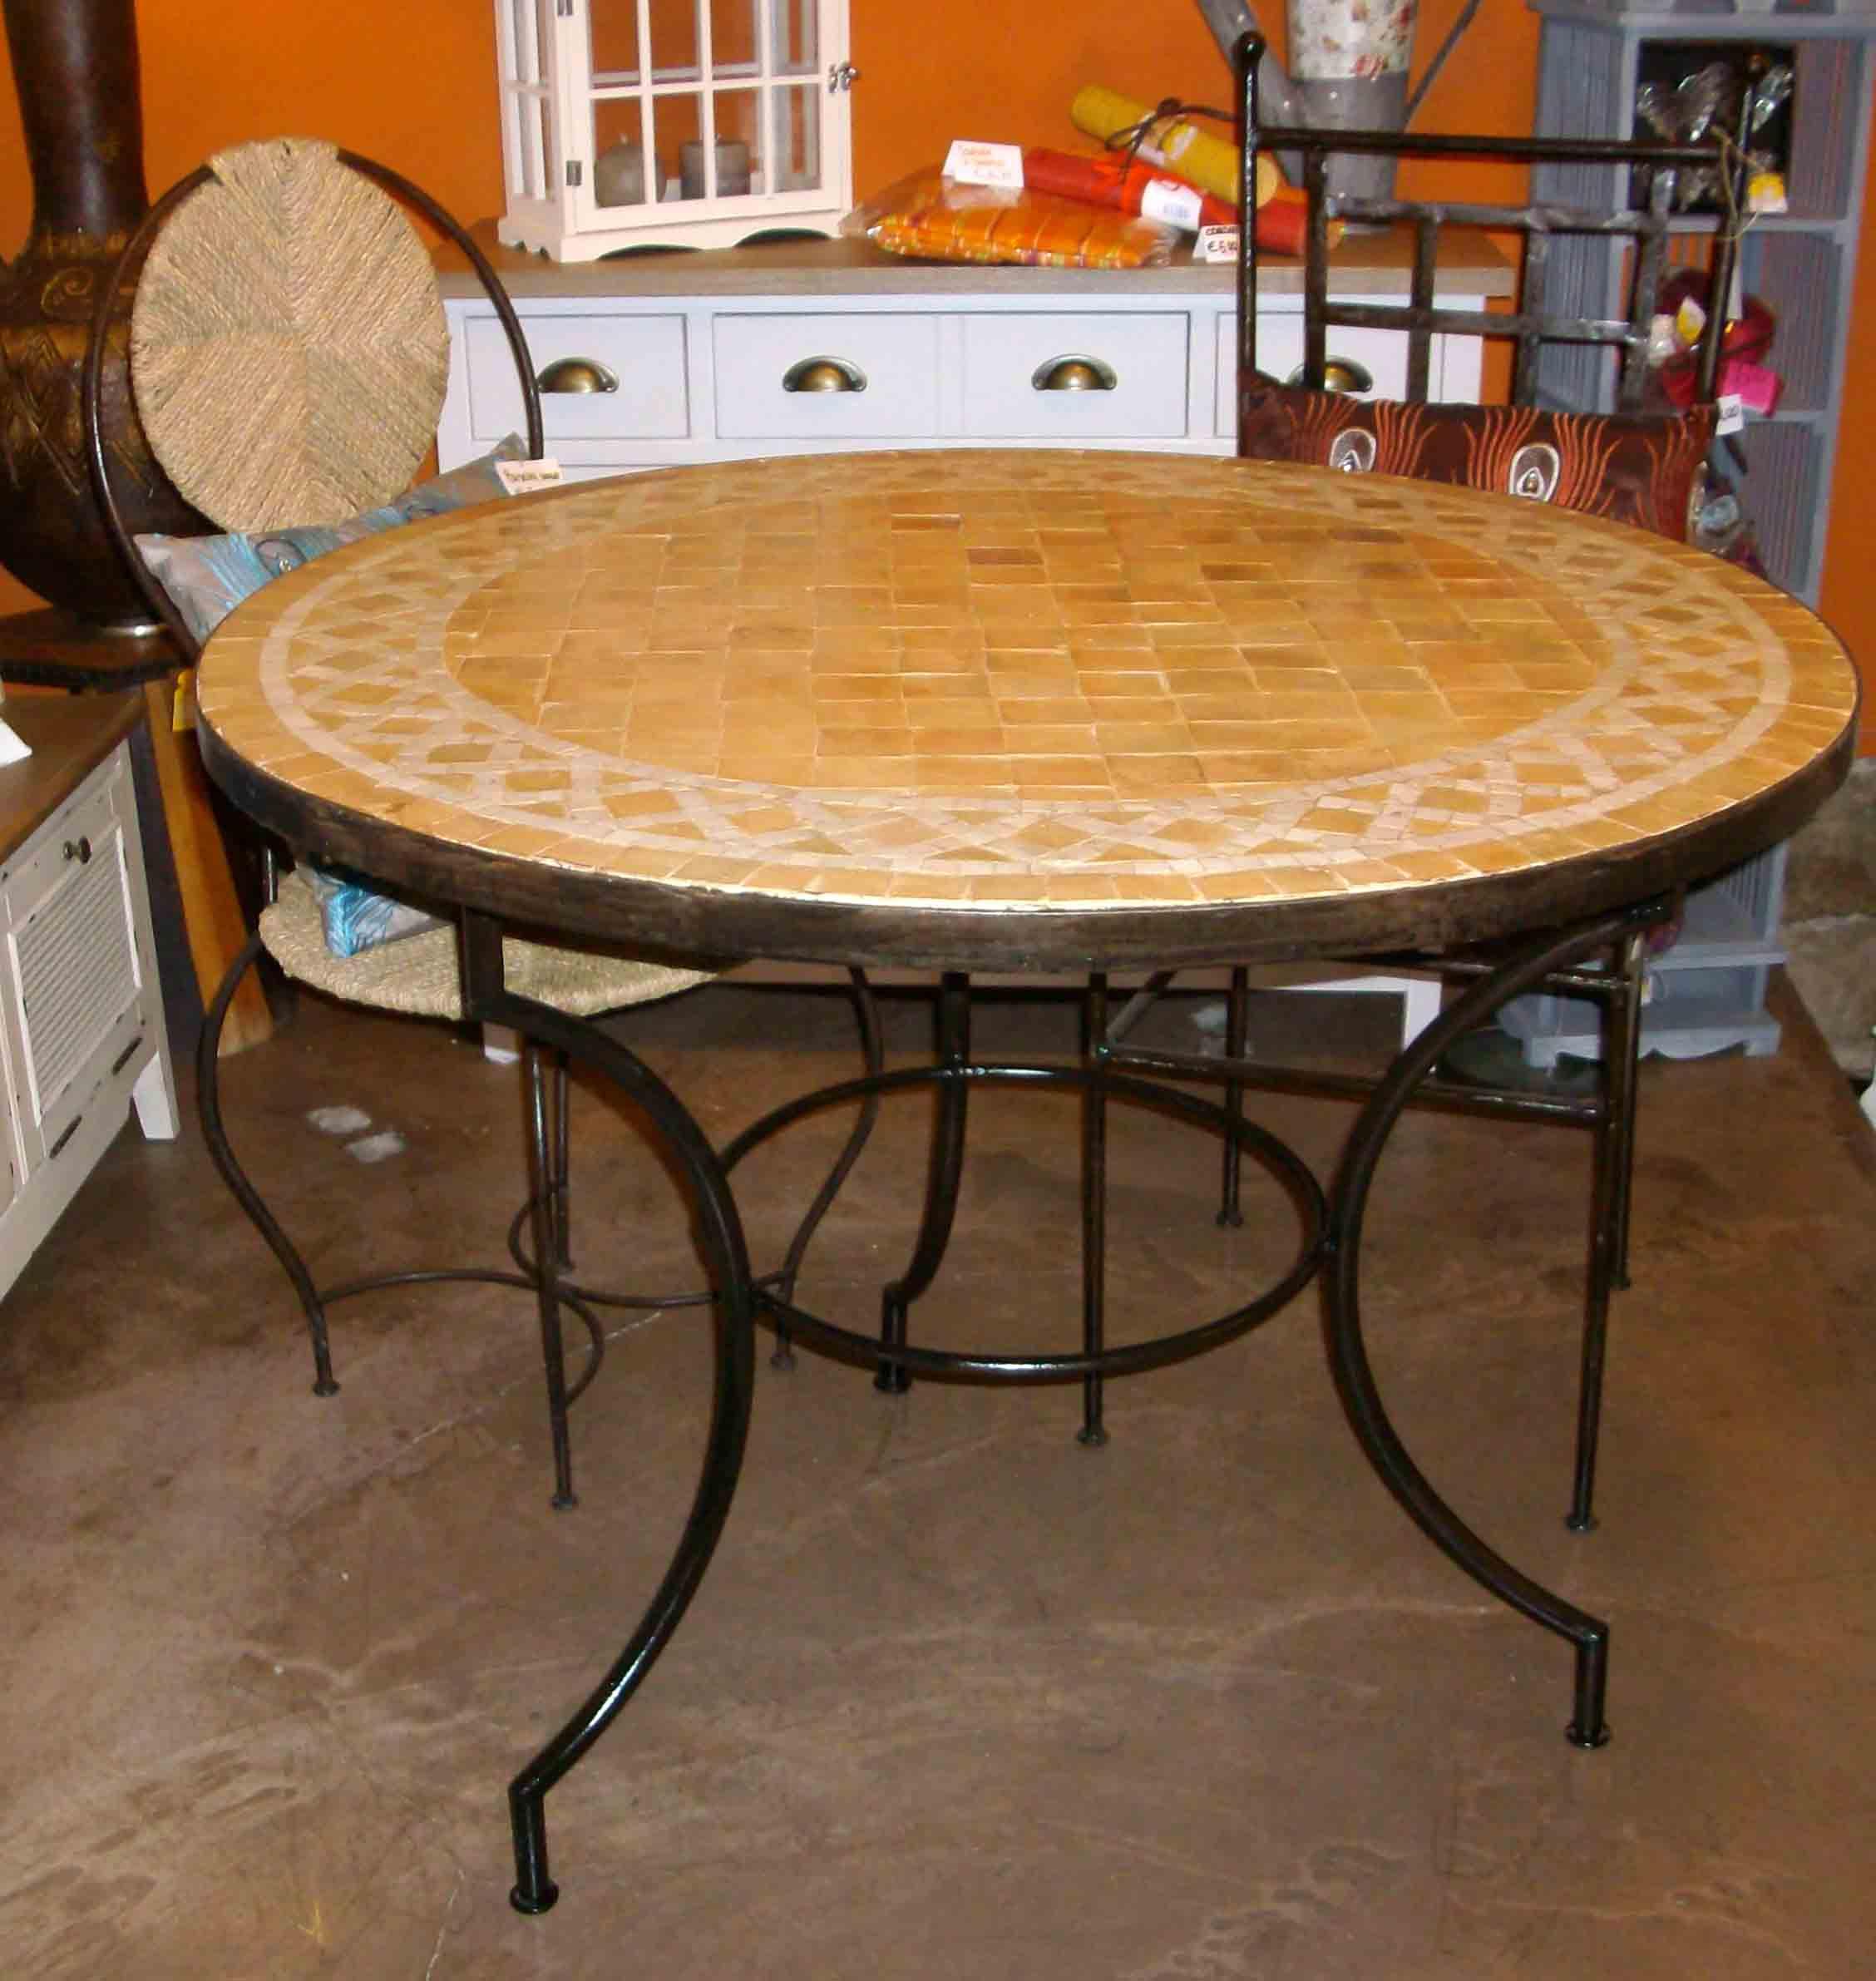 Tavolo zellige mobili e complementi tavoli tavolini ferro e zellige marocchini di artigianato - Mobili marocchini ...